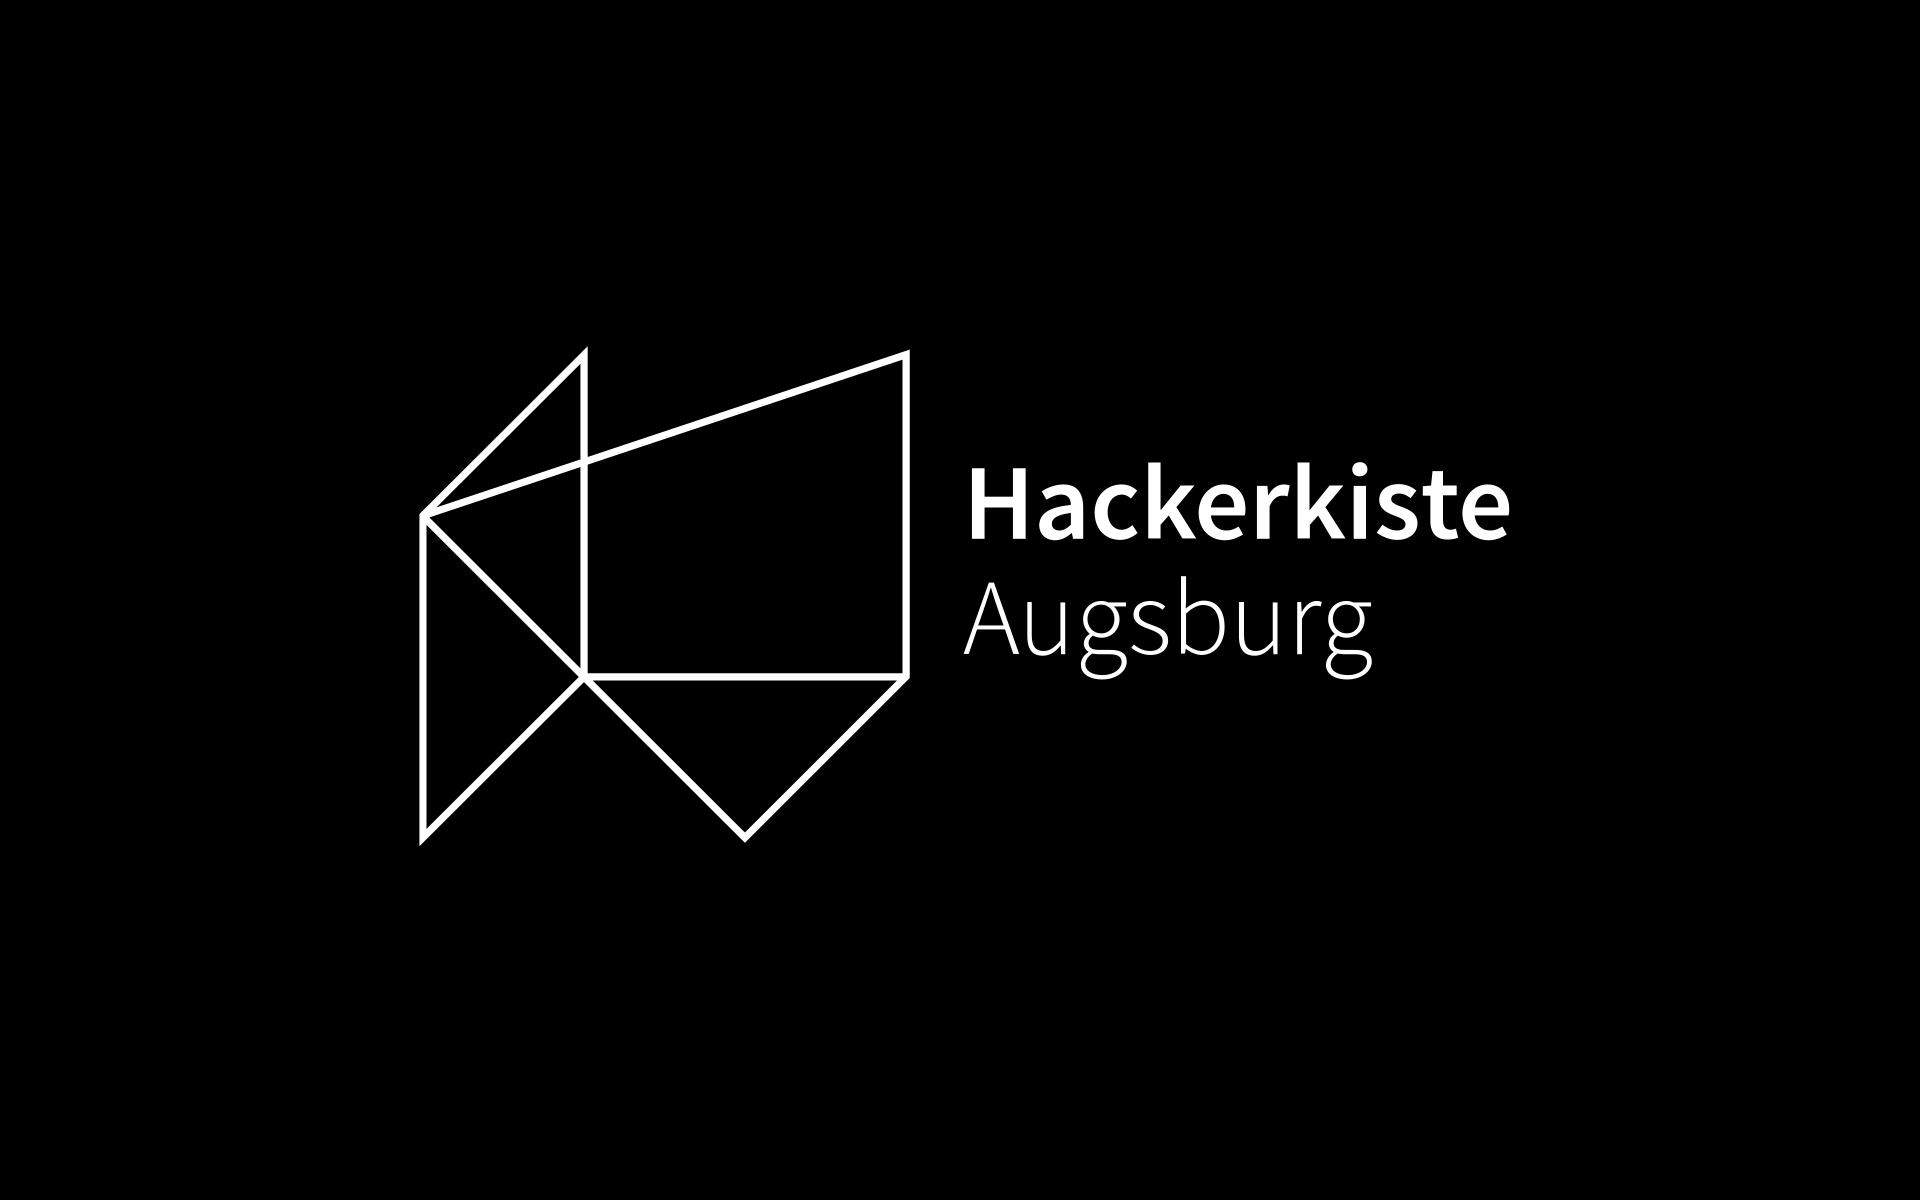 180828_Hackerkiste-Logoentwicklung-5_01